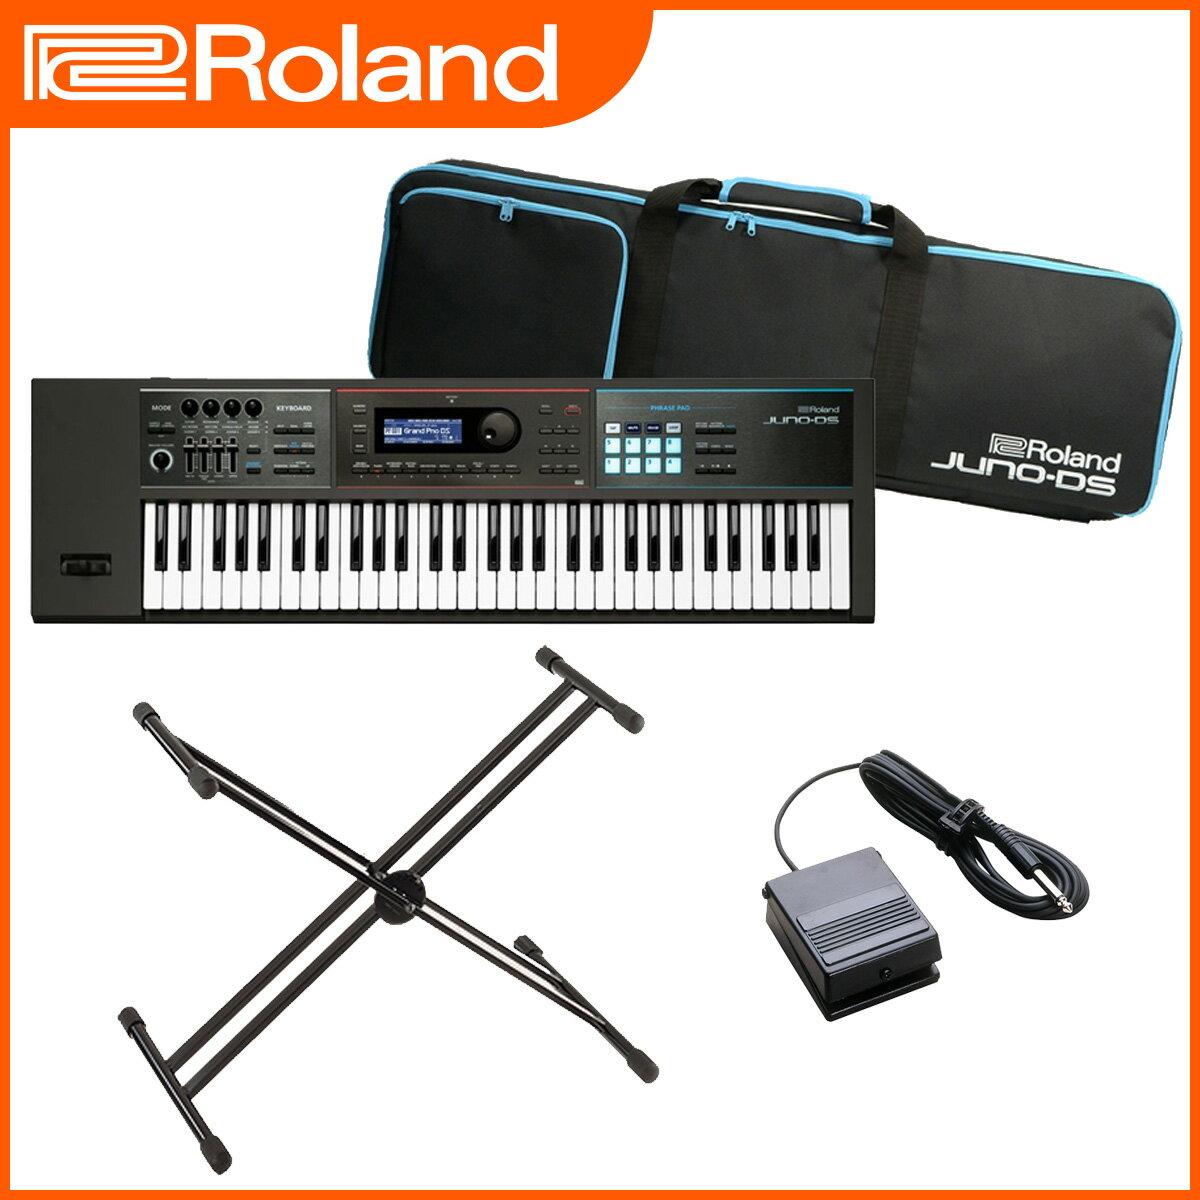 【在庫あり】Roland ローランド / JUNO-DS61 シンセサイザー (JUNO-DS) スタンド・ペダルセット【送料無料】